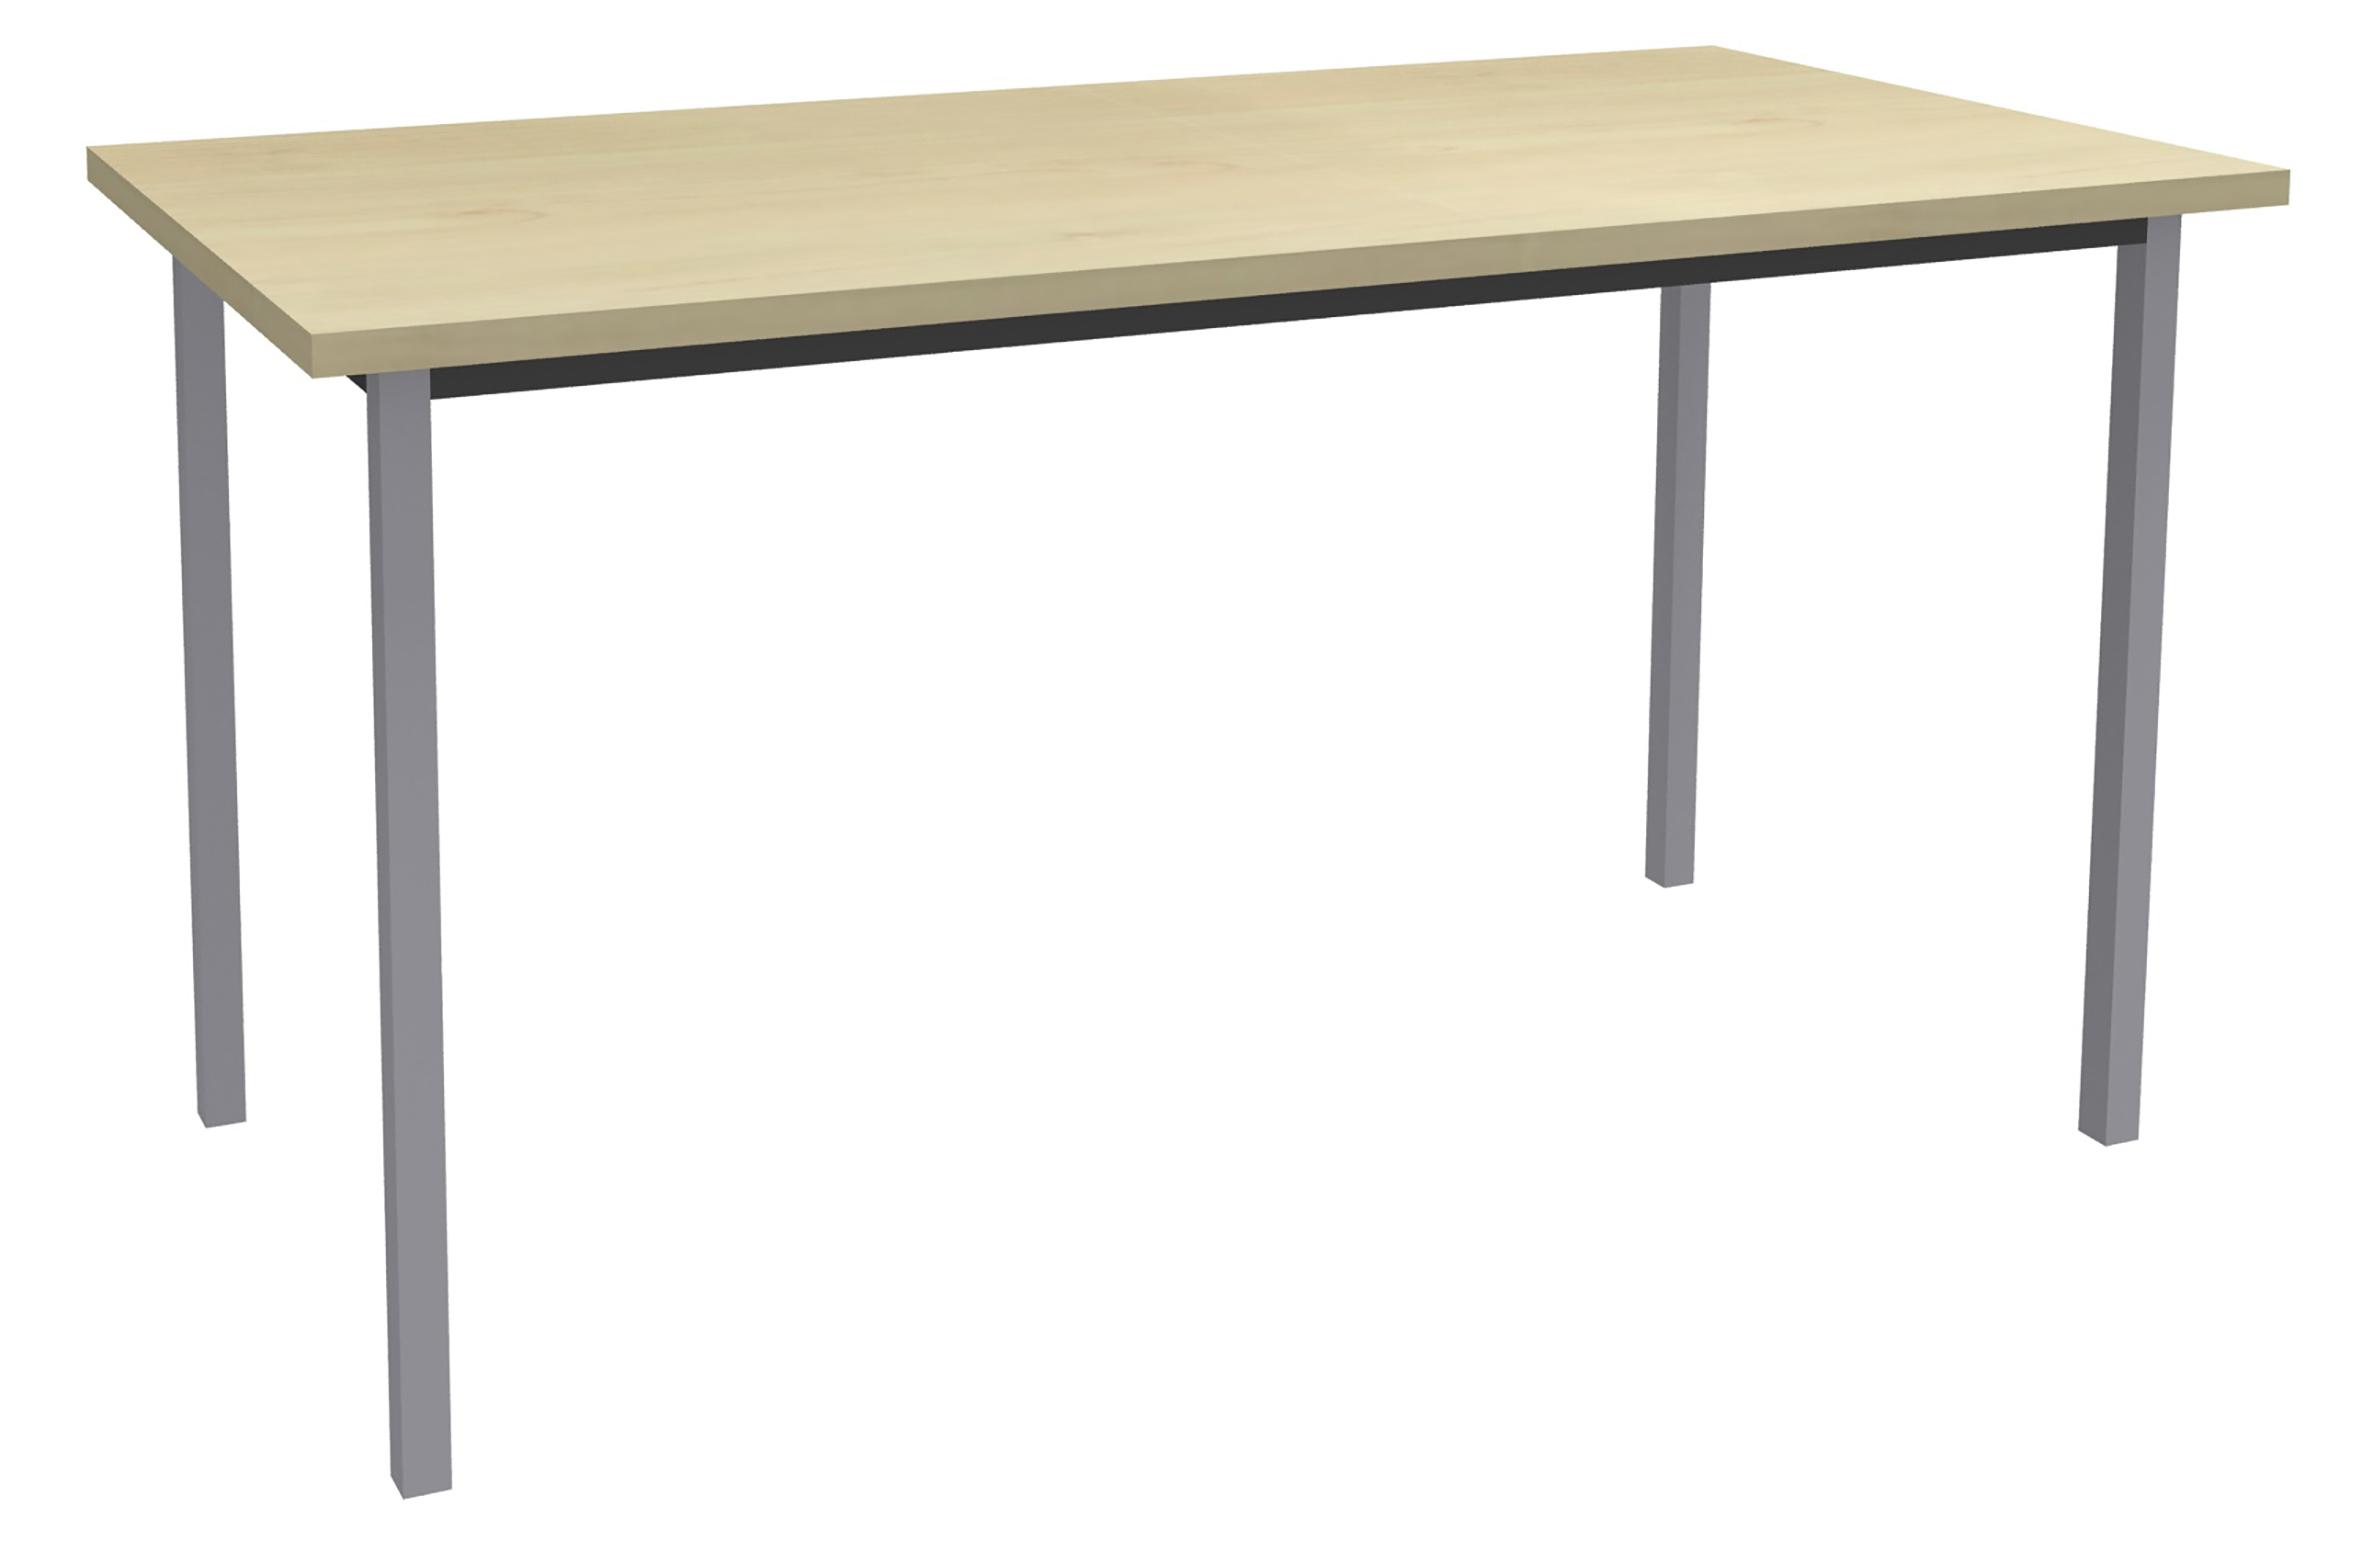 Table de réunion Rectangulaire - 120 x 60 cm - Pieds aluminium - imitation érable